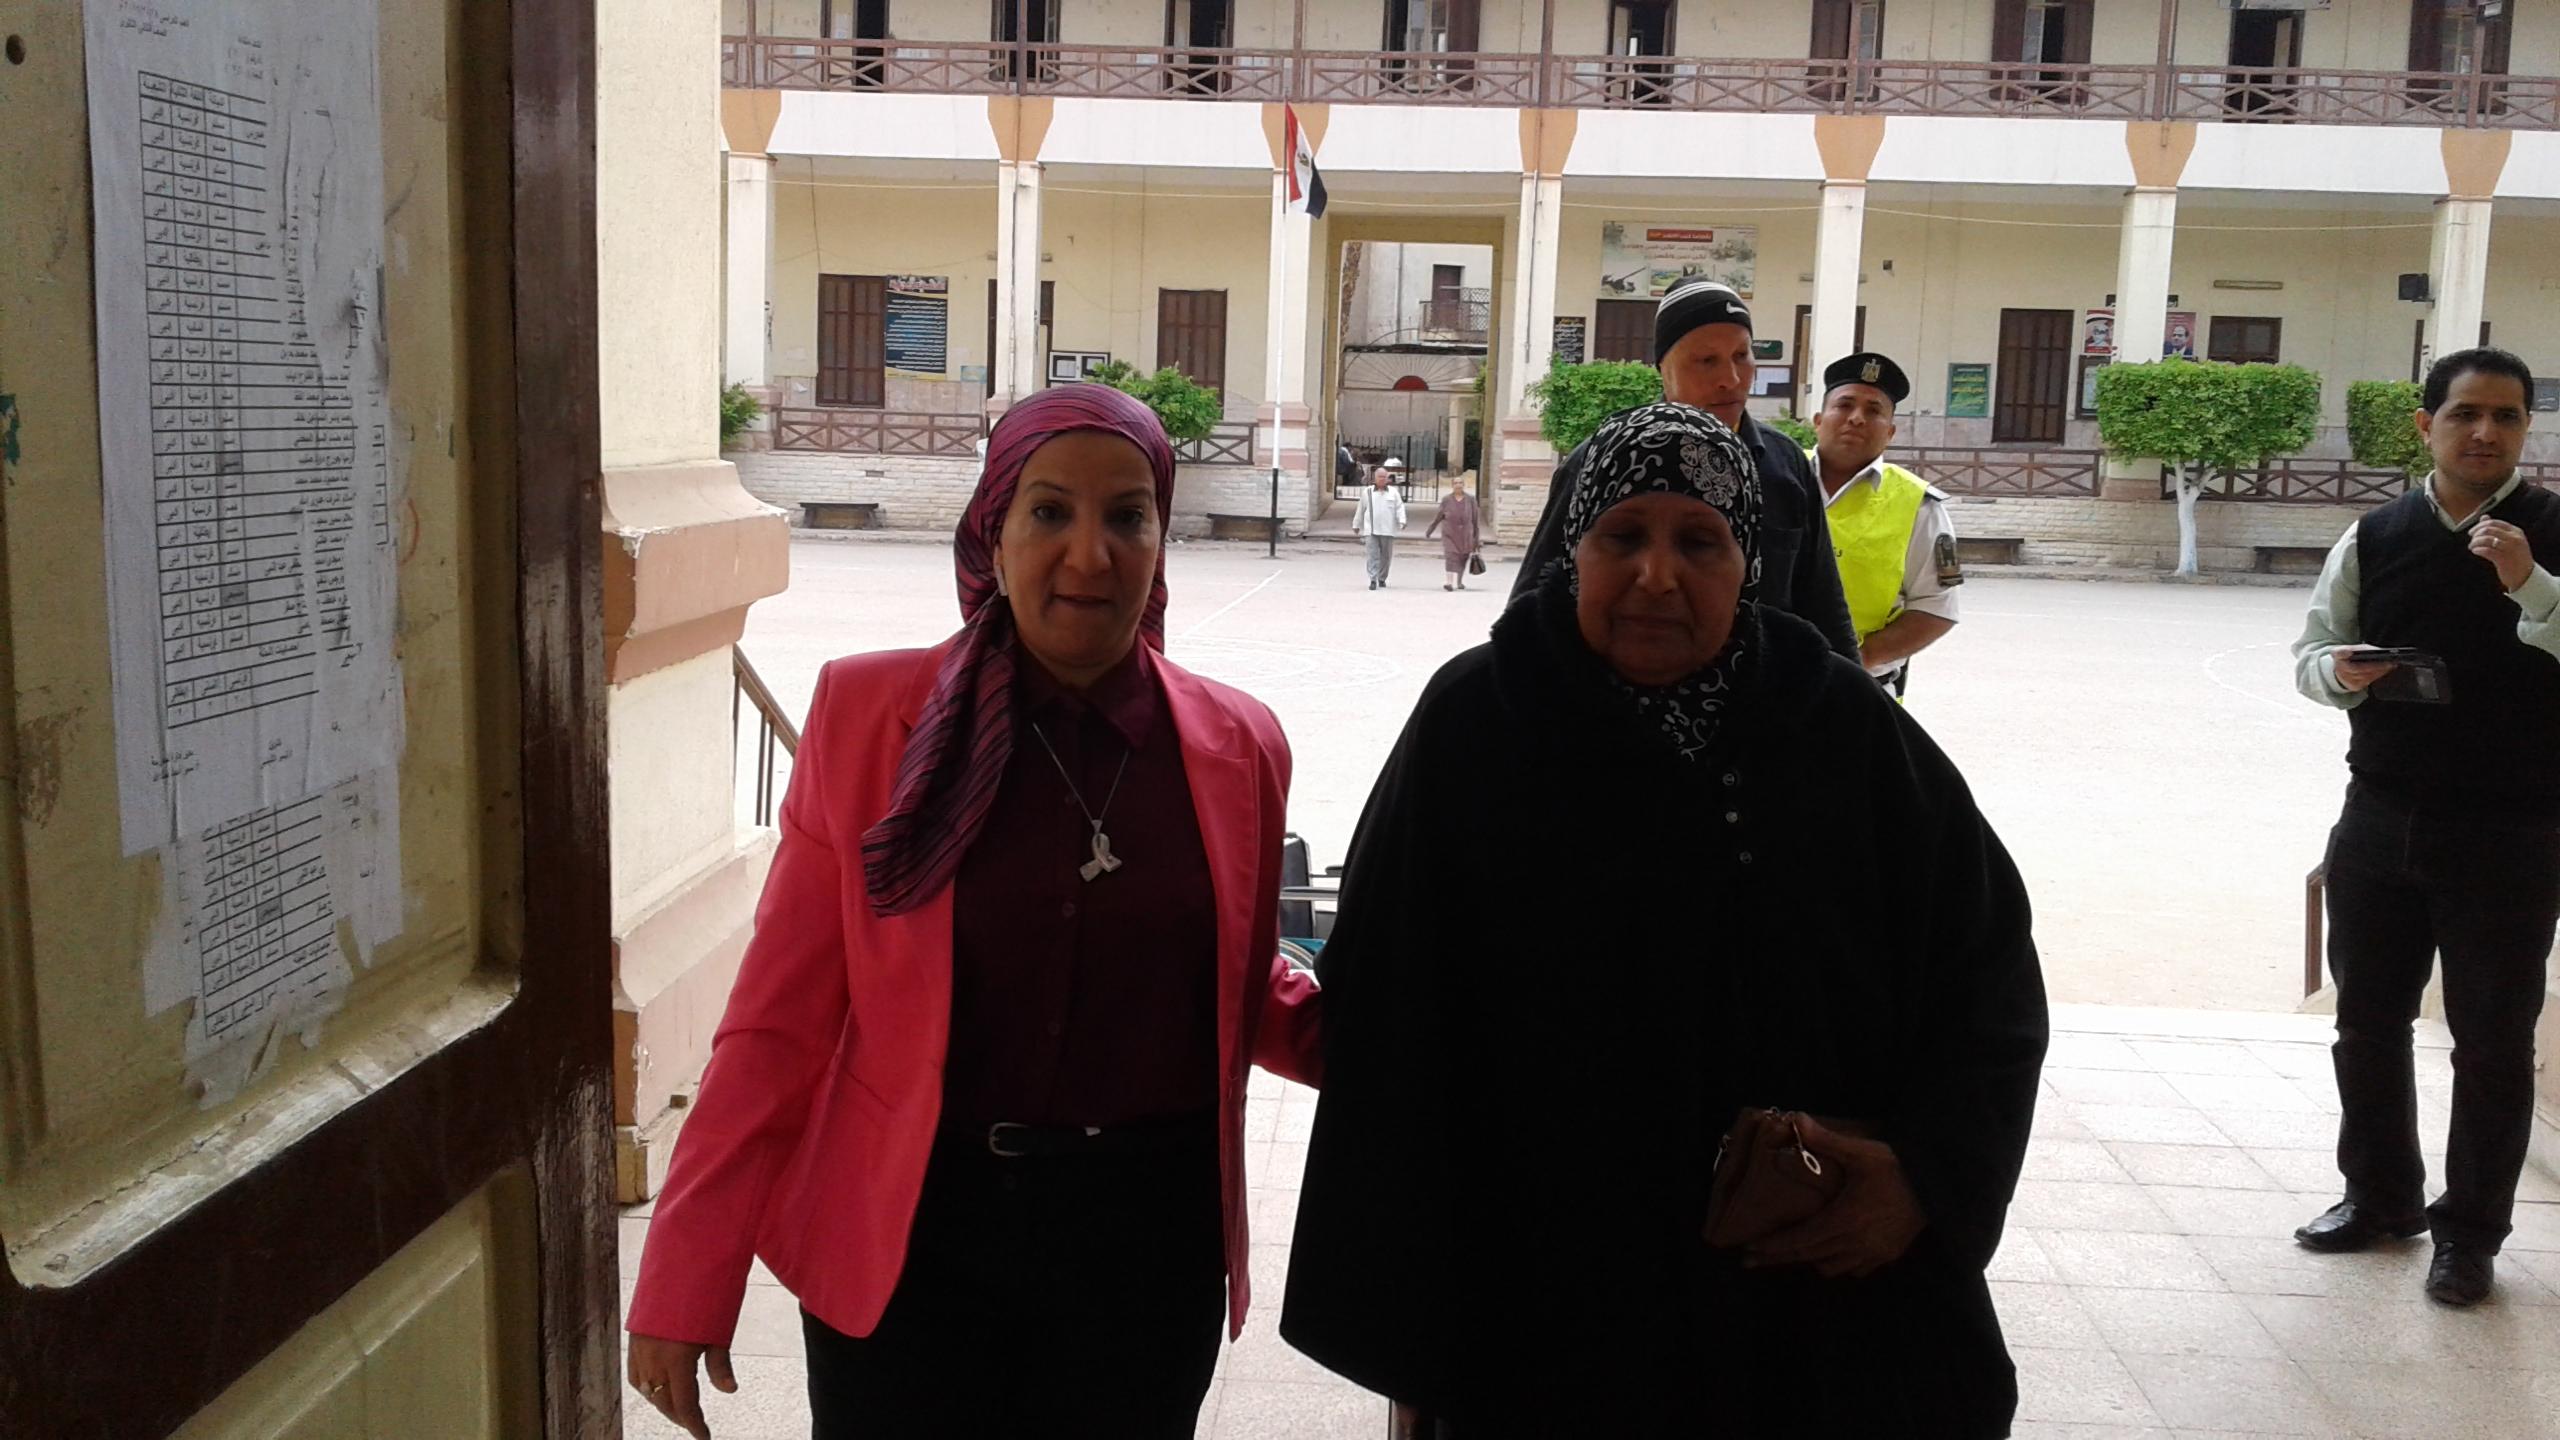 رئيسة اللجنة أثناء مساعدتها أحد المسنات للدخول للجنة (3)